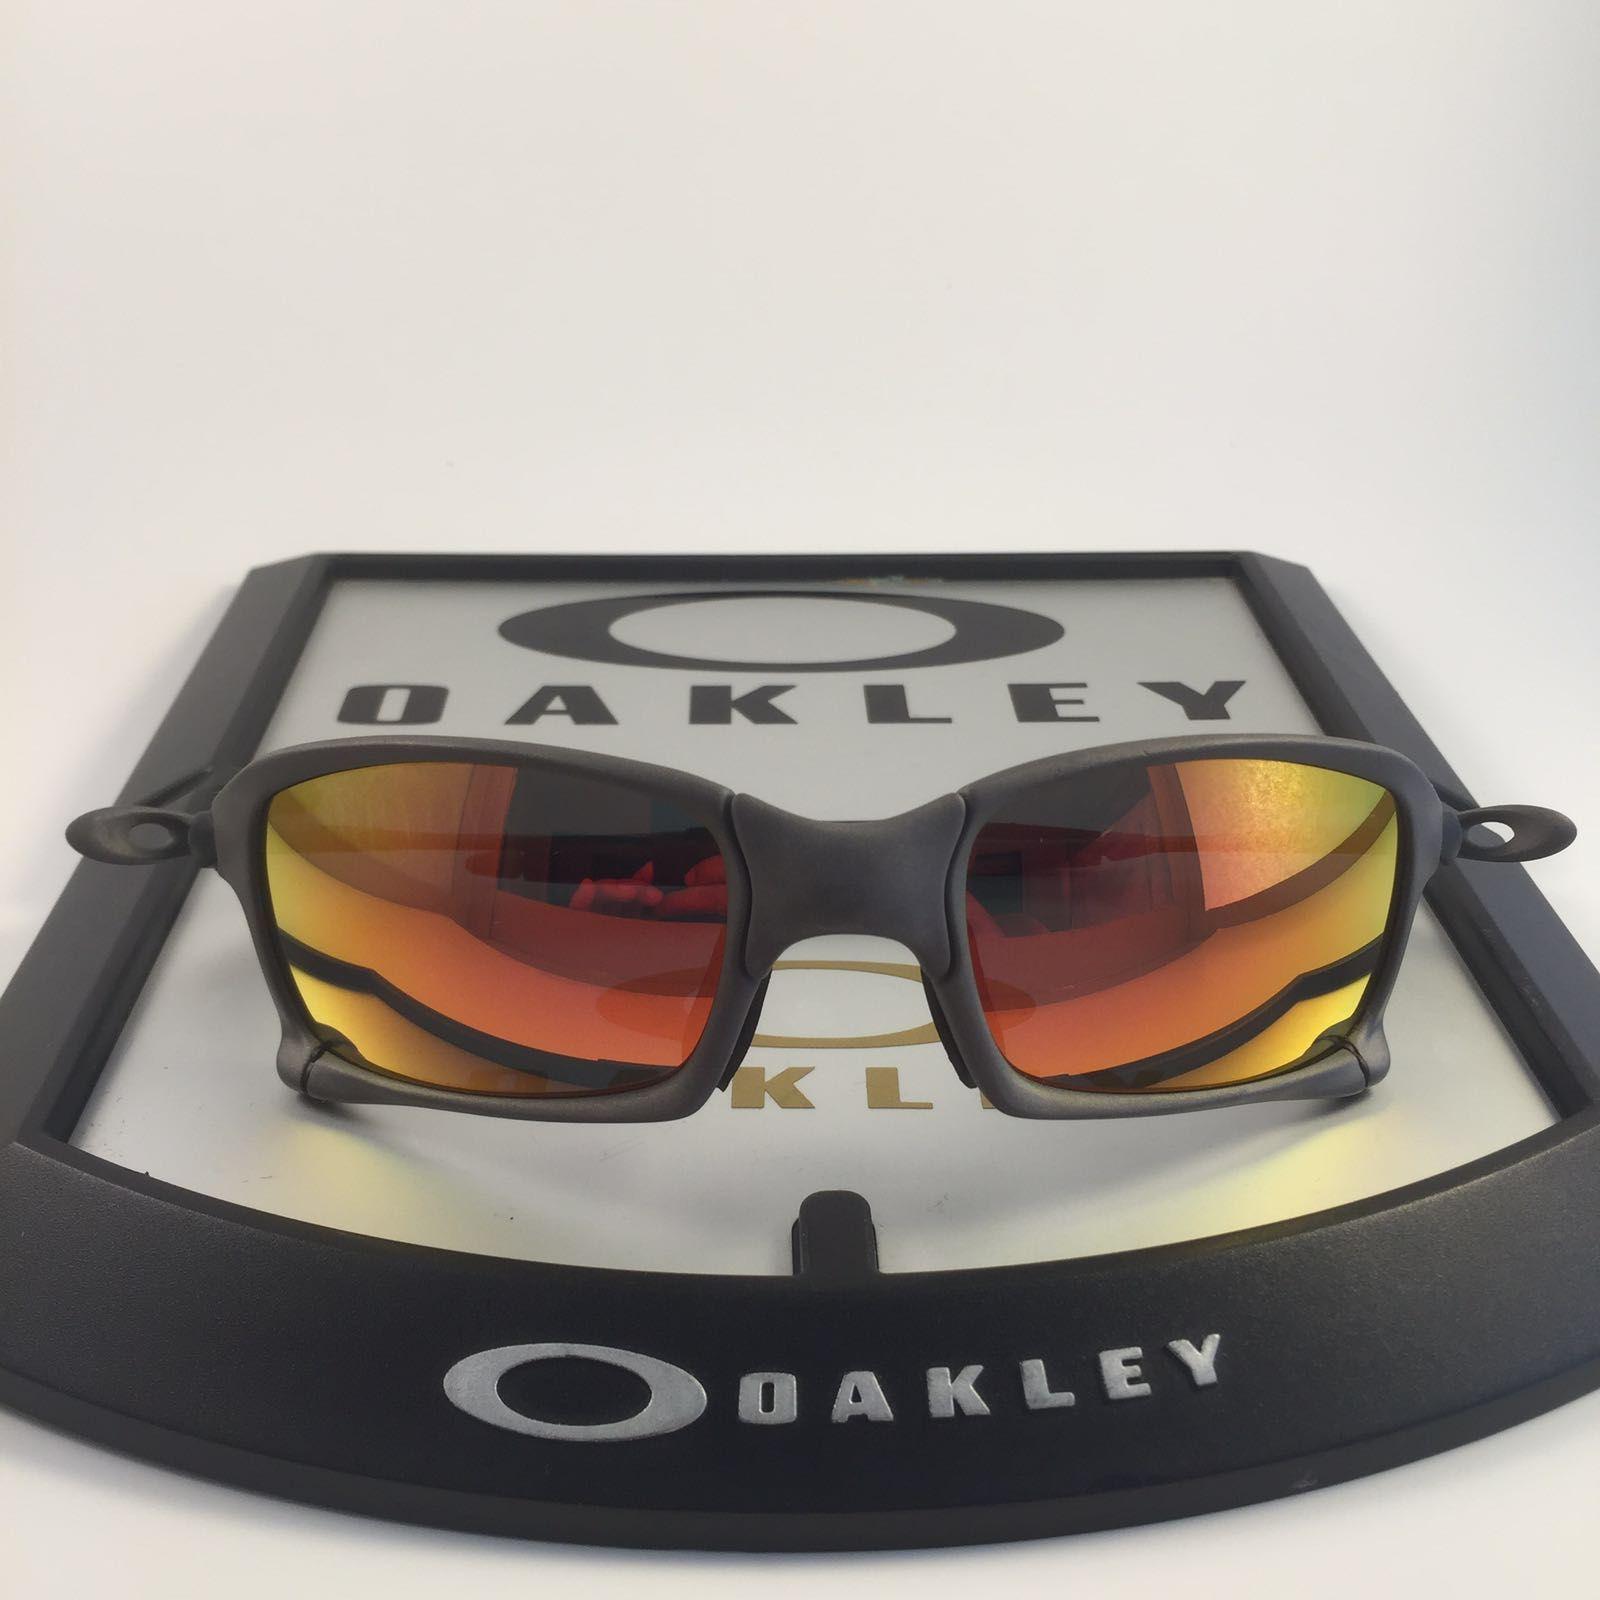 oakley x squared x-metal - 6f6f5524-03f9-4906-98c5-2fada5a32051.jpeg